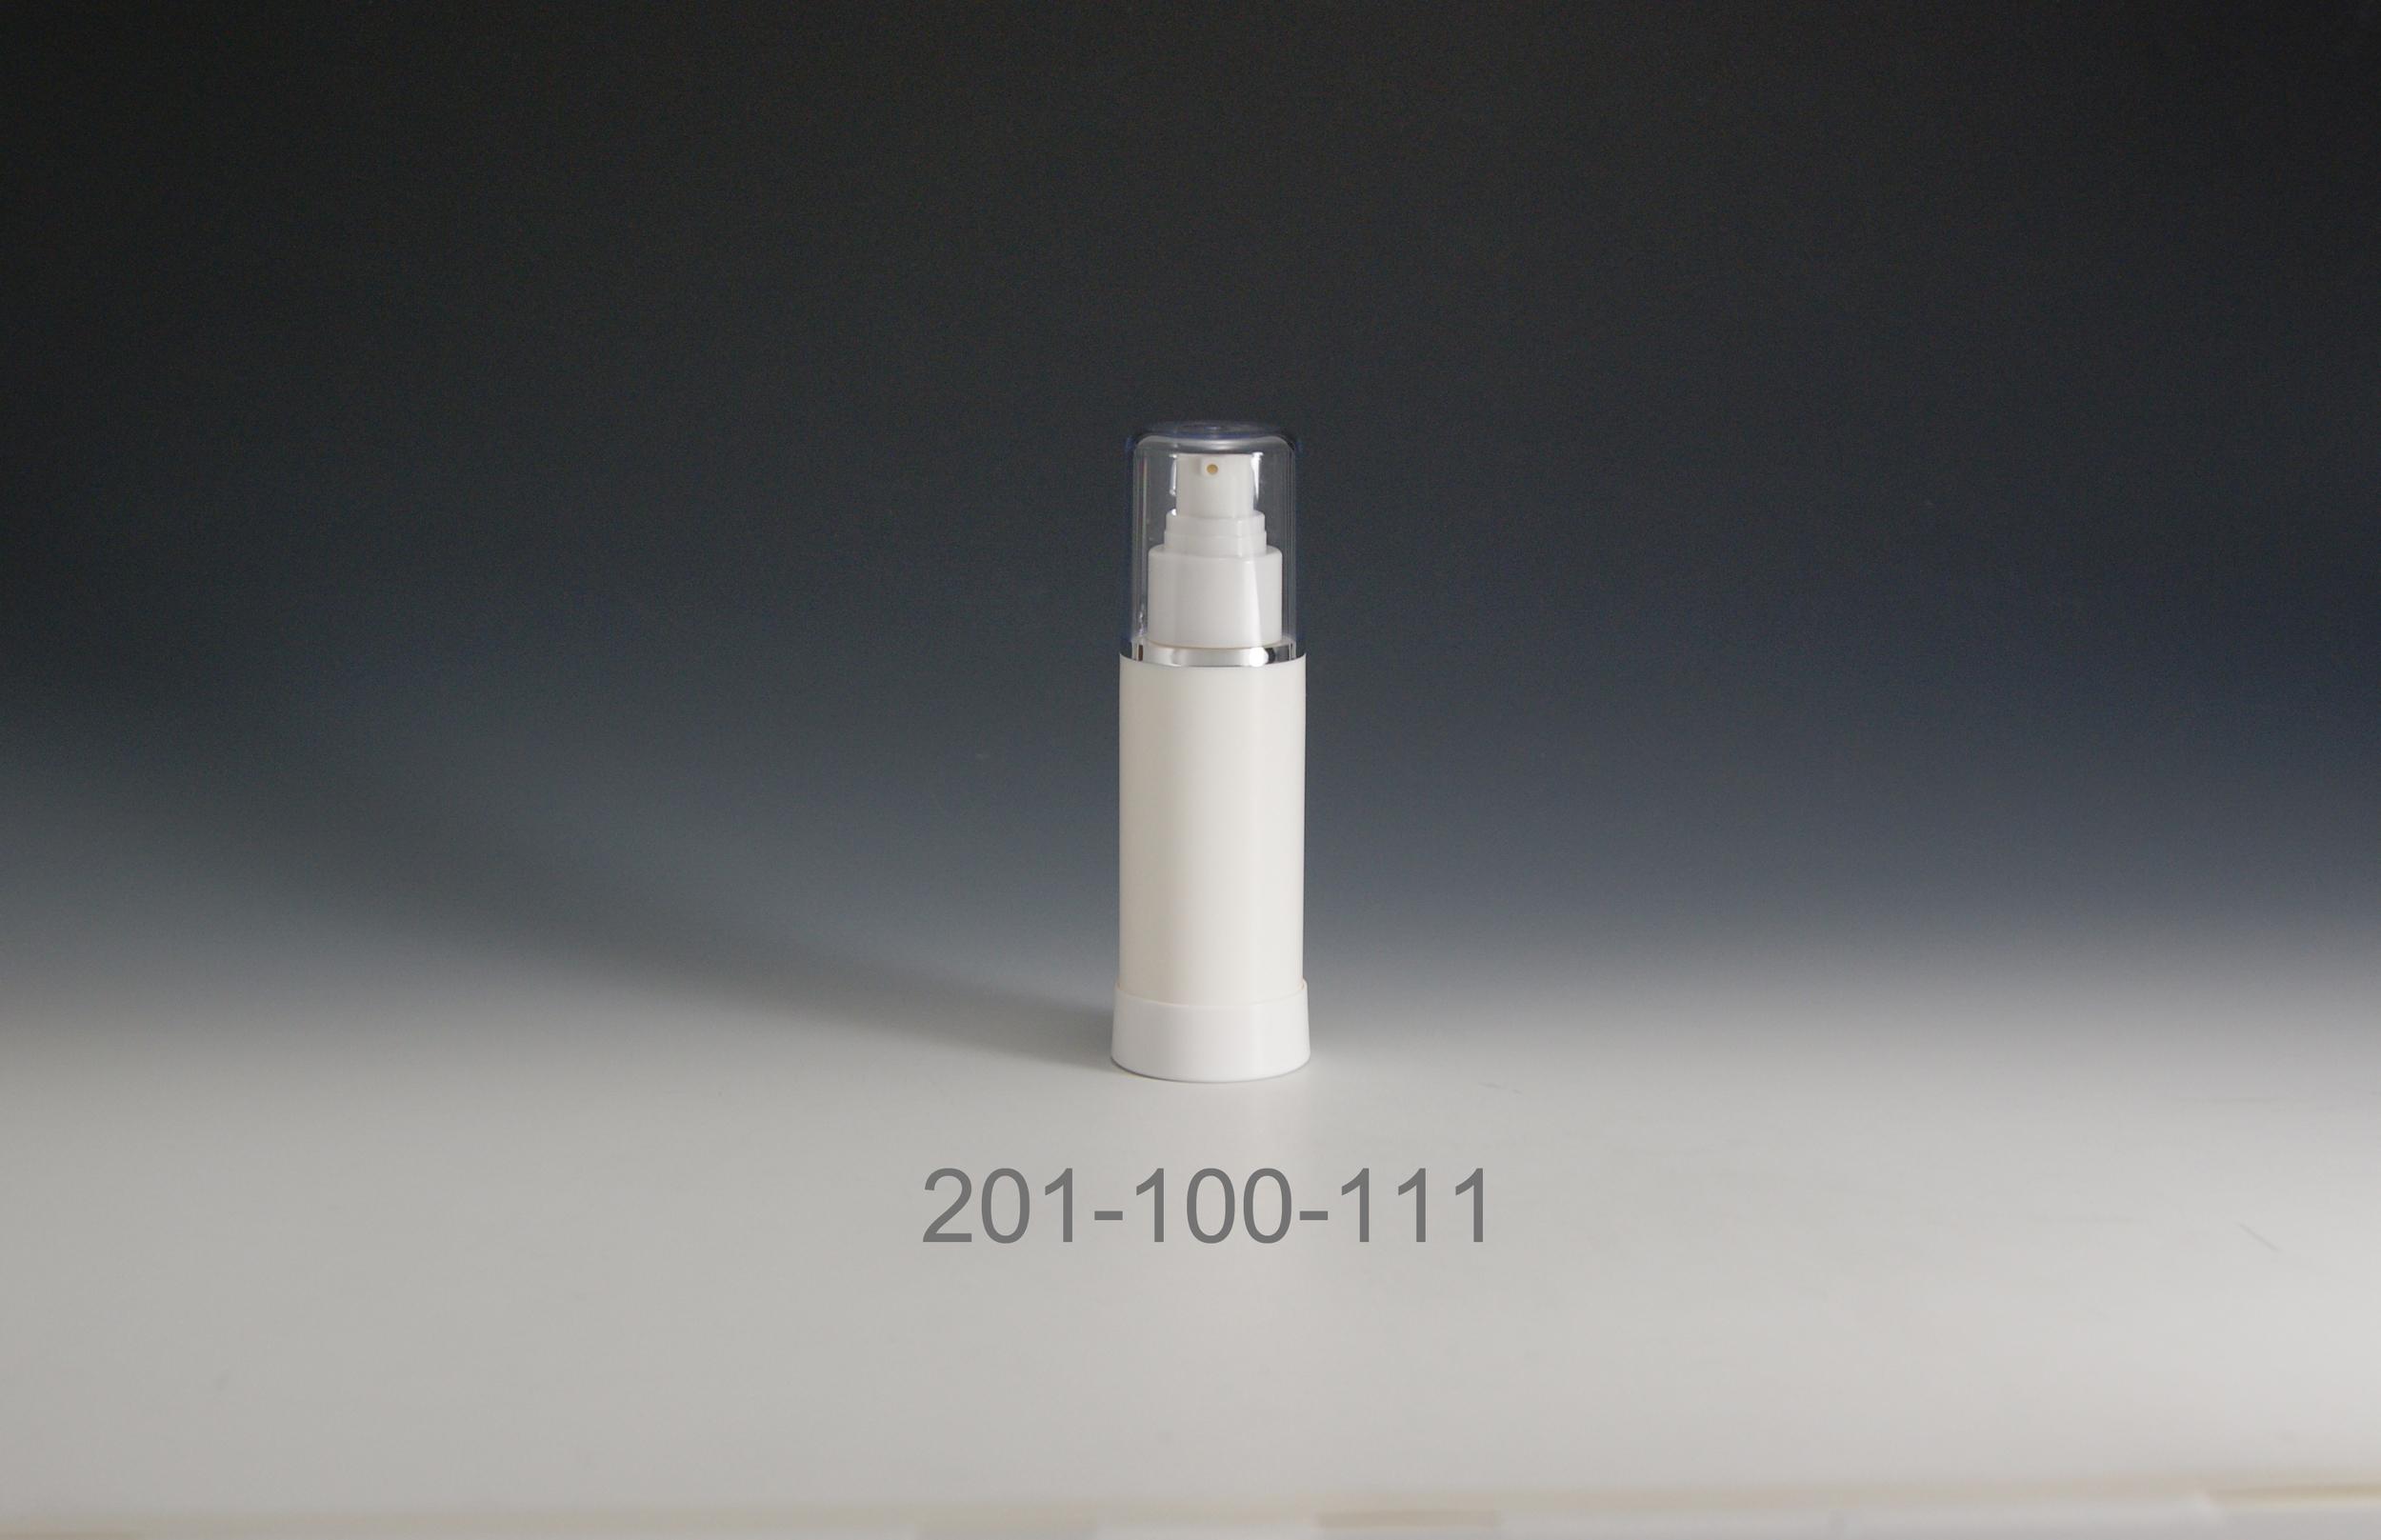 201-100-111.jpg